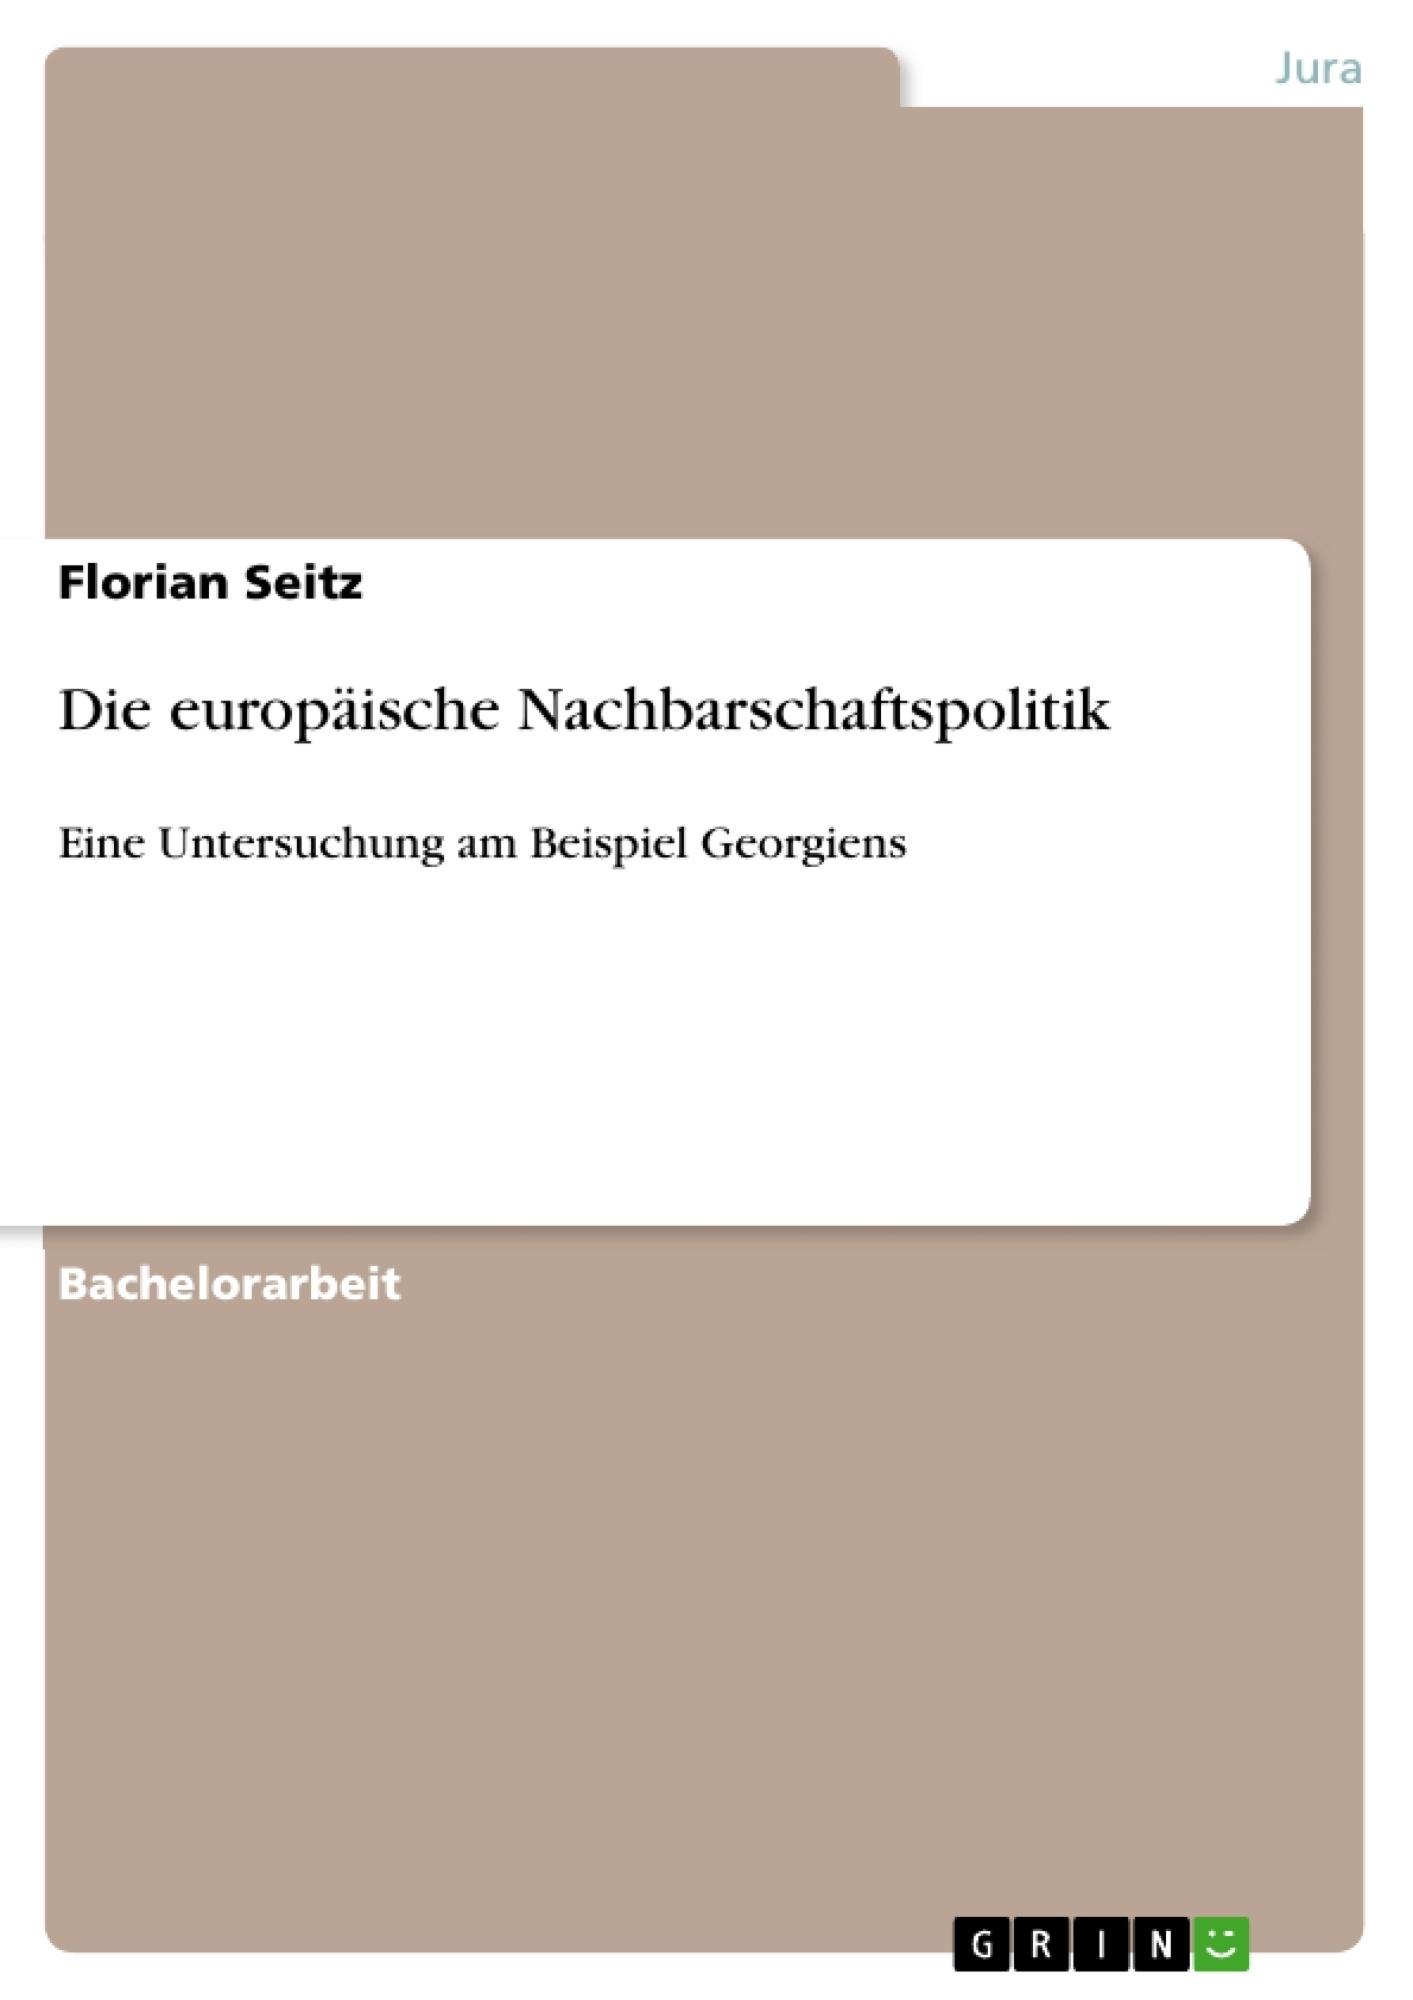 Titel: Die europäische Nachbarschaftspolitik